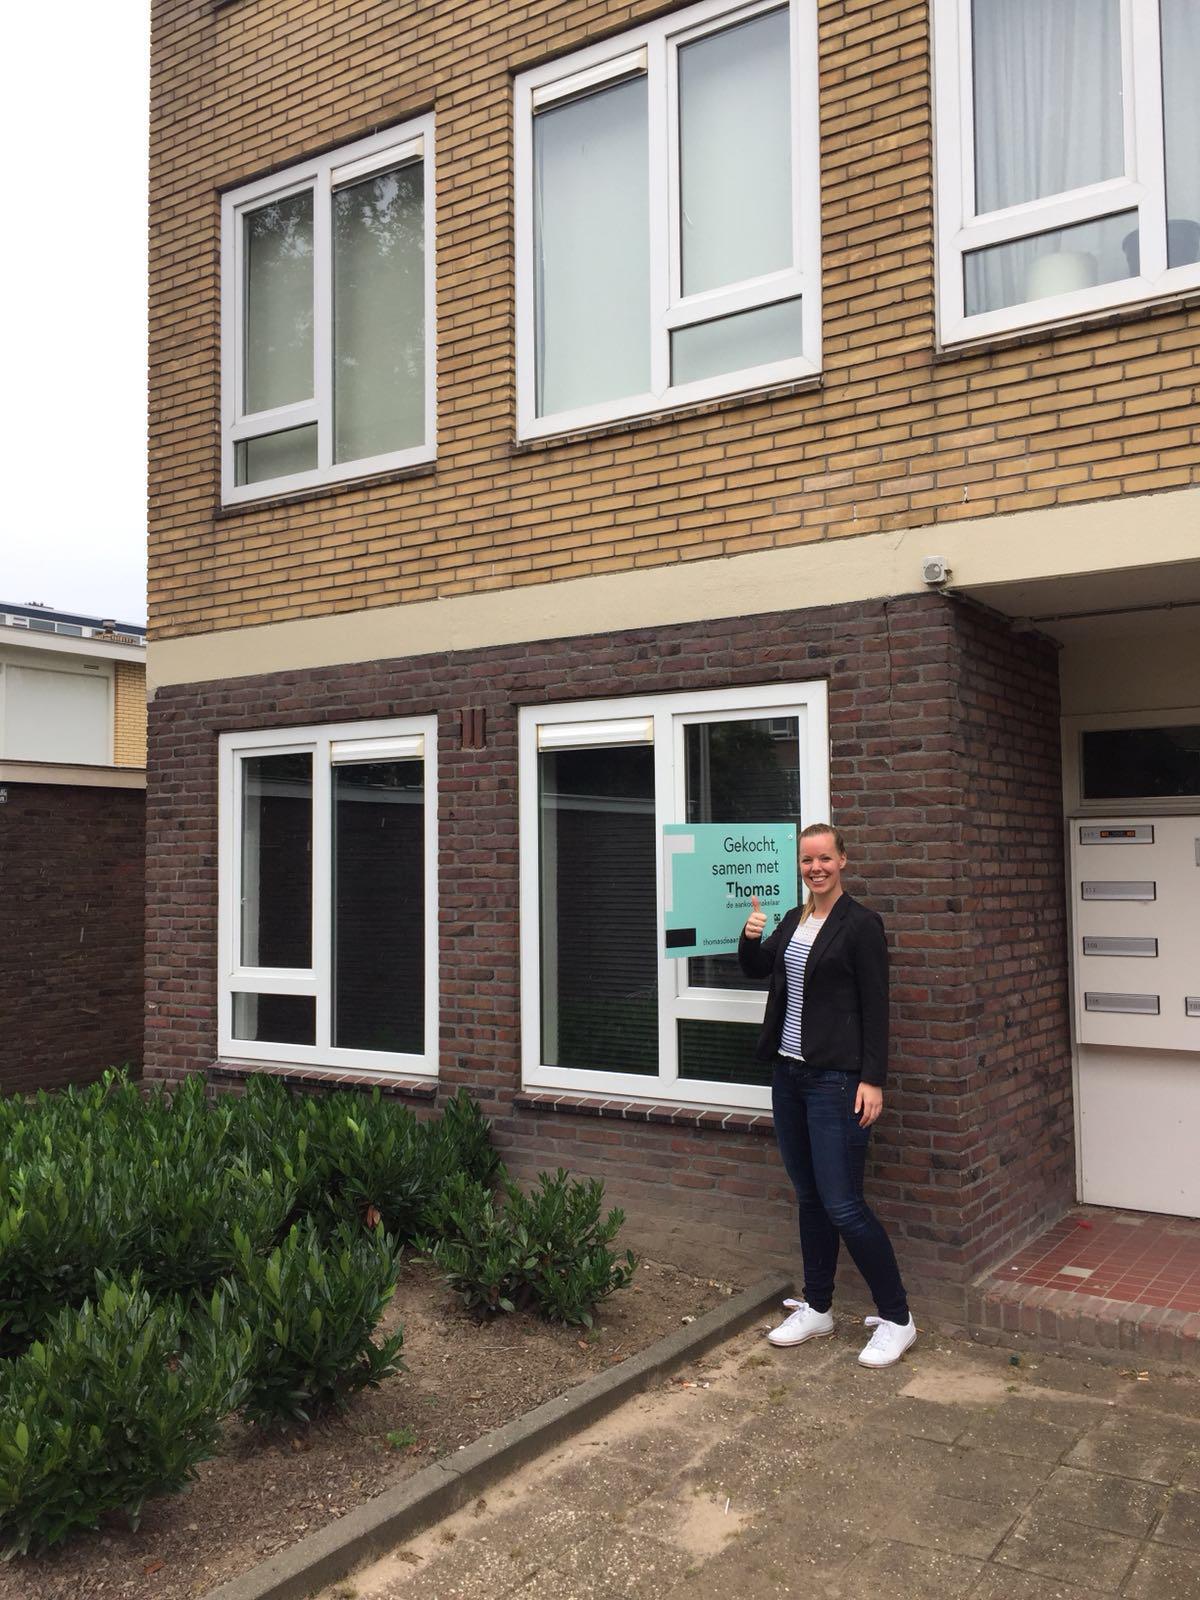 Huis in Utrecht gevonden voor Ellen met Thomas de Aankoopmakelaar